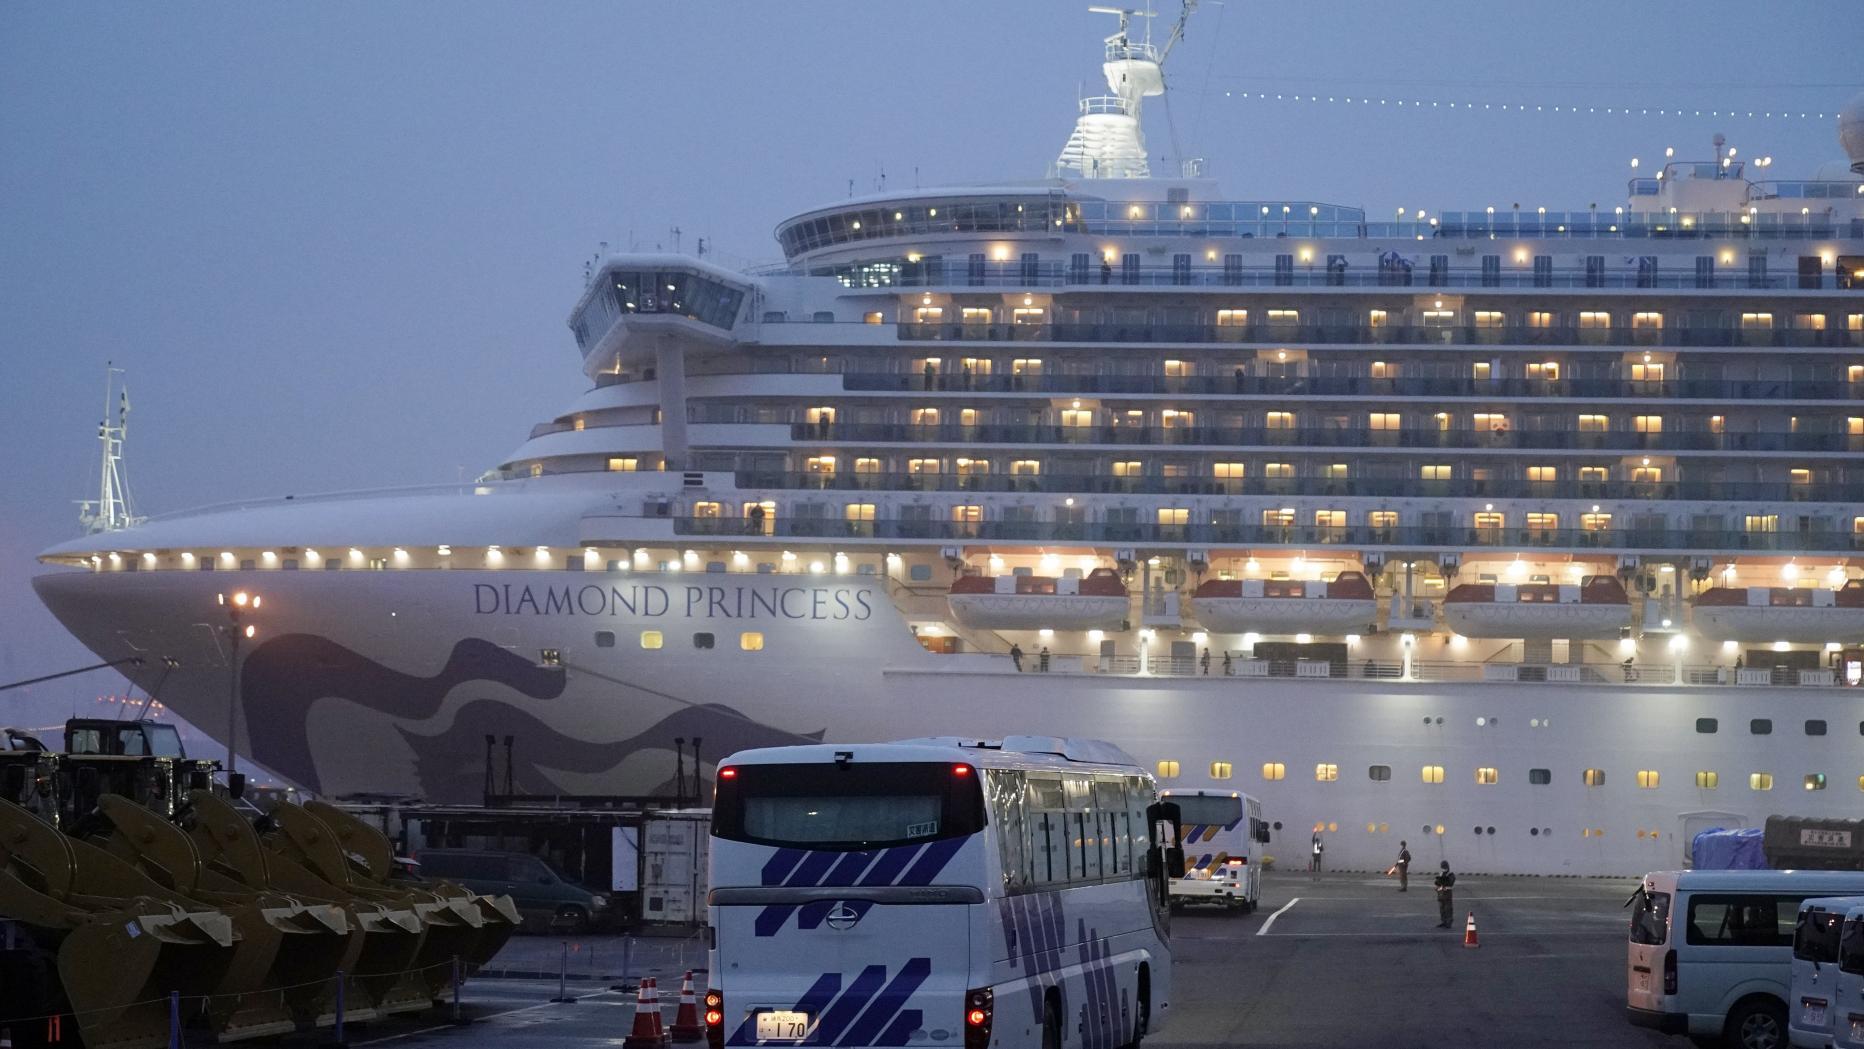 Nhật Bản để lọt một người nhiễm virus Corona xuống khỏi du thuyền Diamond Princess - 1